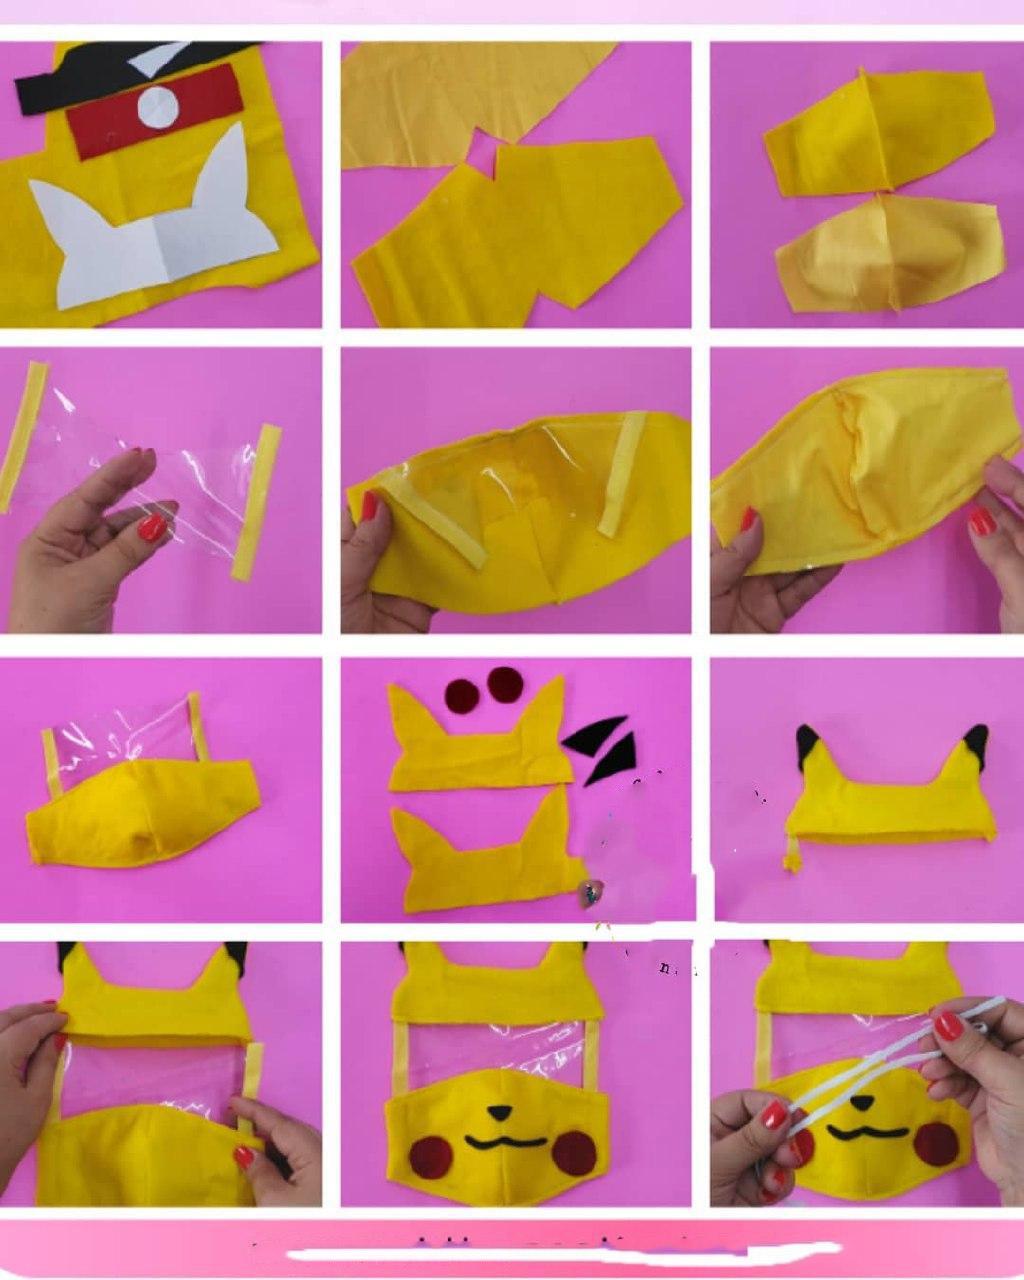 الگو و مراحل تهیه ماسک شیلد دار هالک، بتمن، پوکمون و گربه